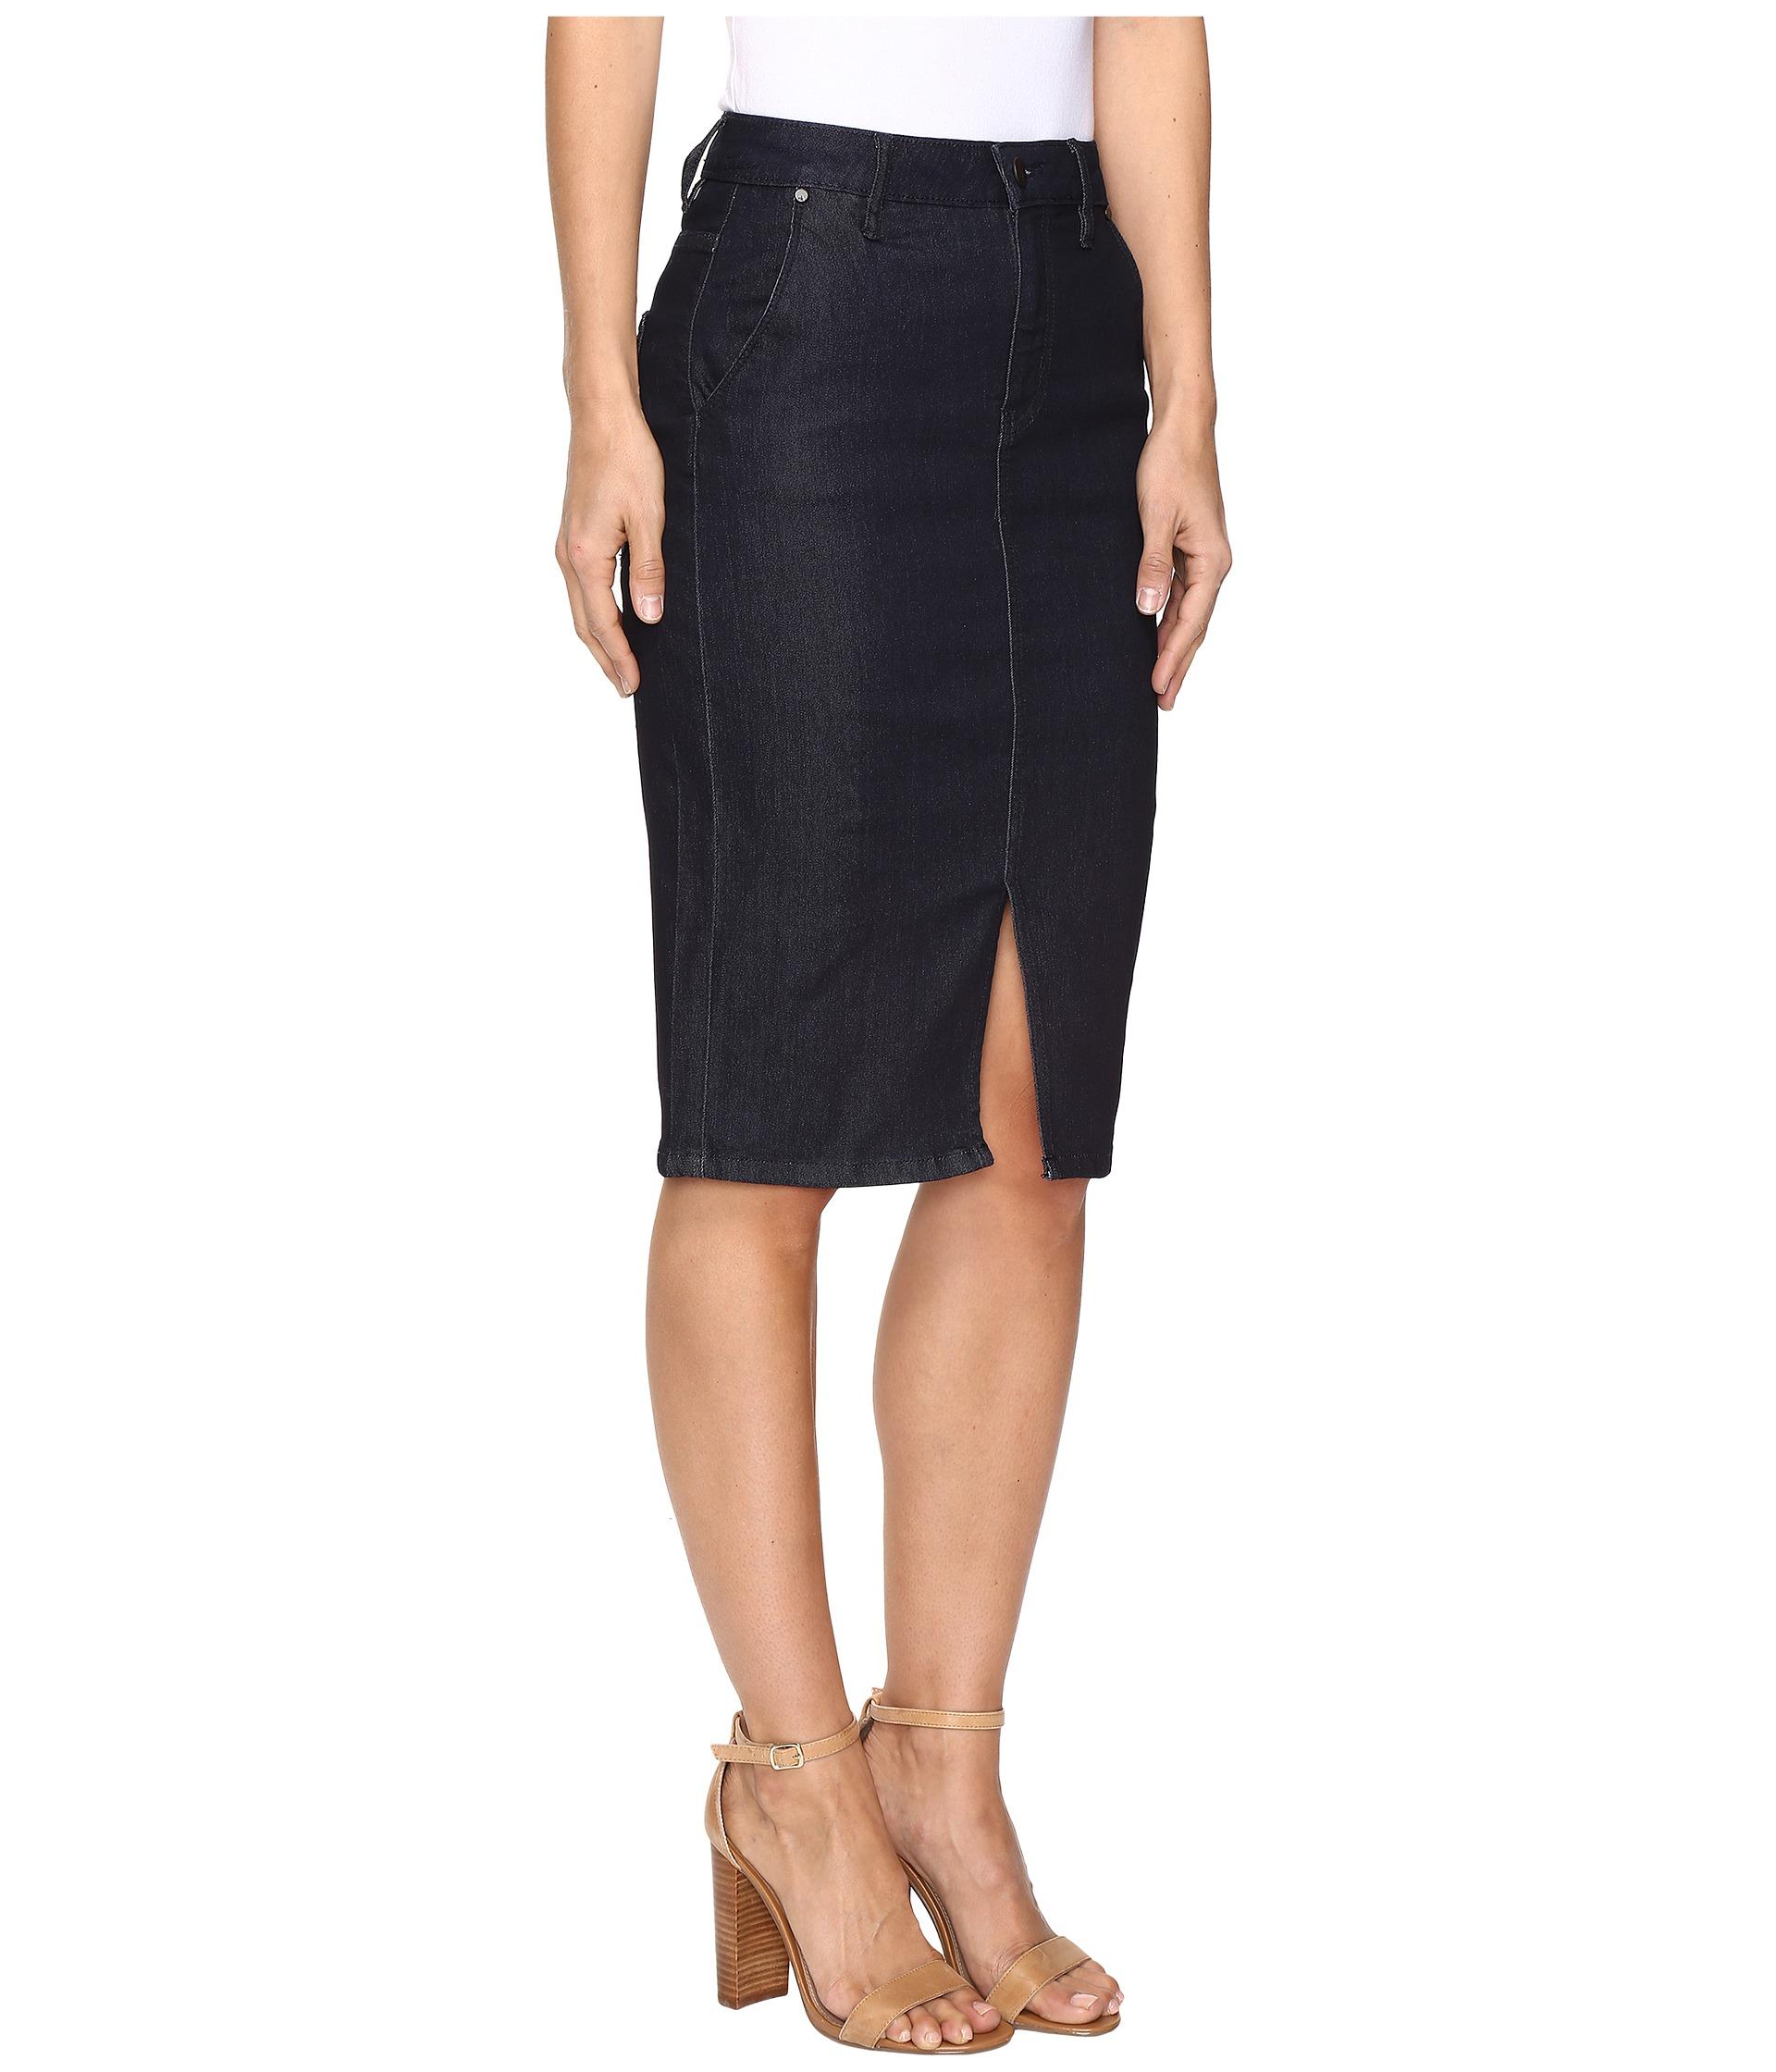 calvin klein pencil skirt zappos free shipping